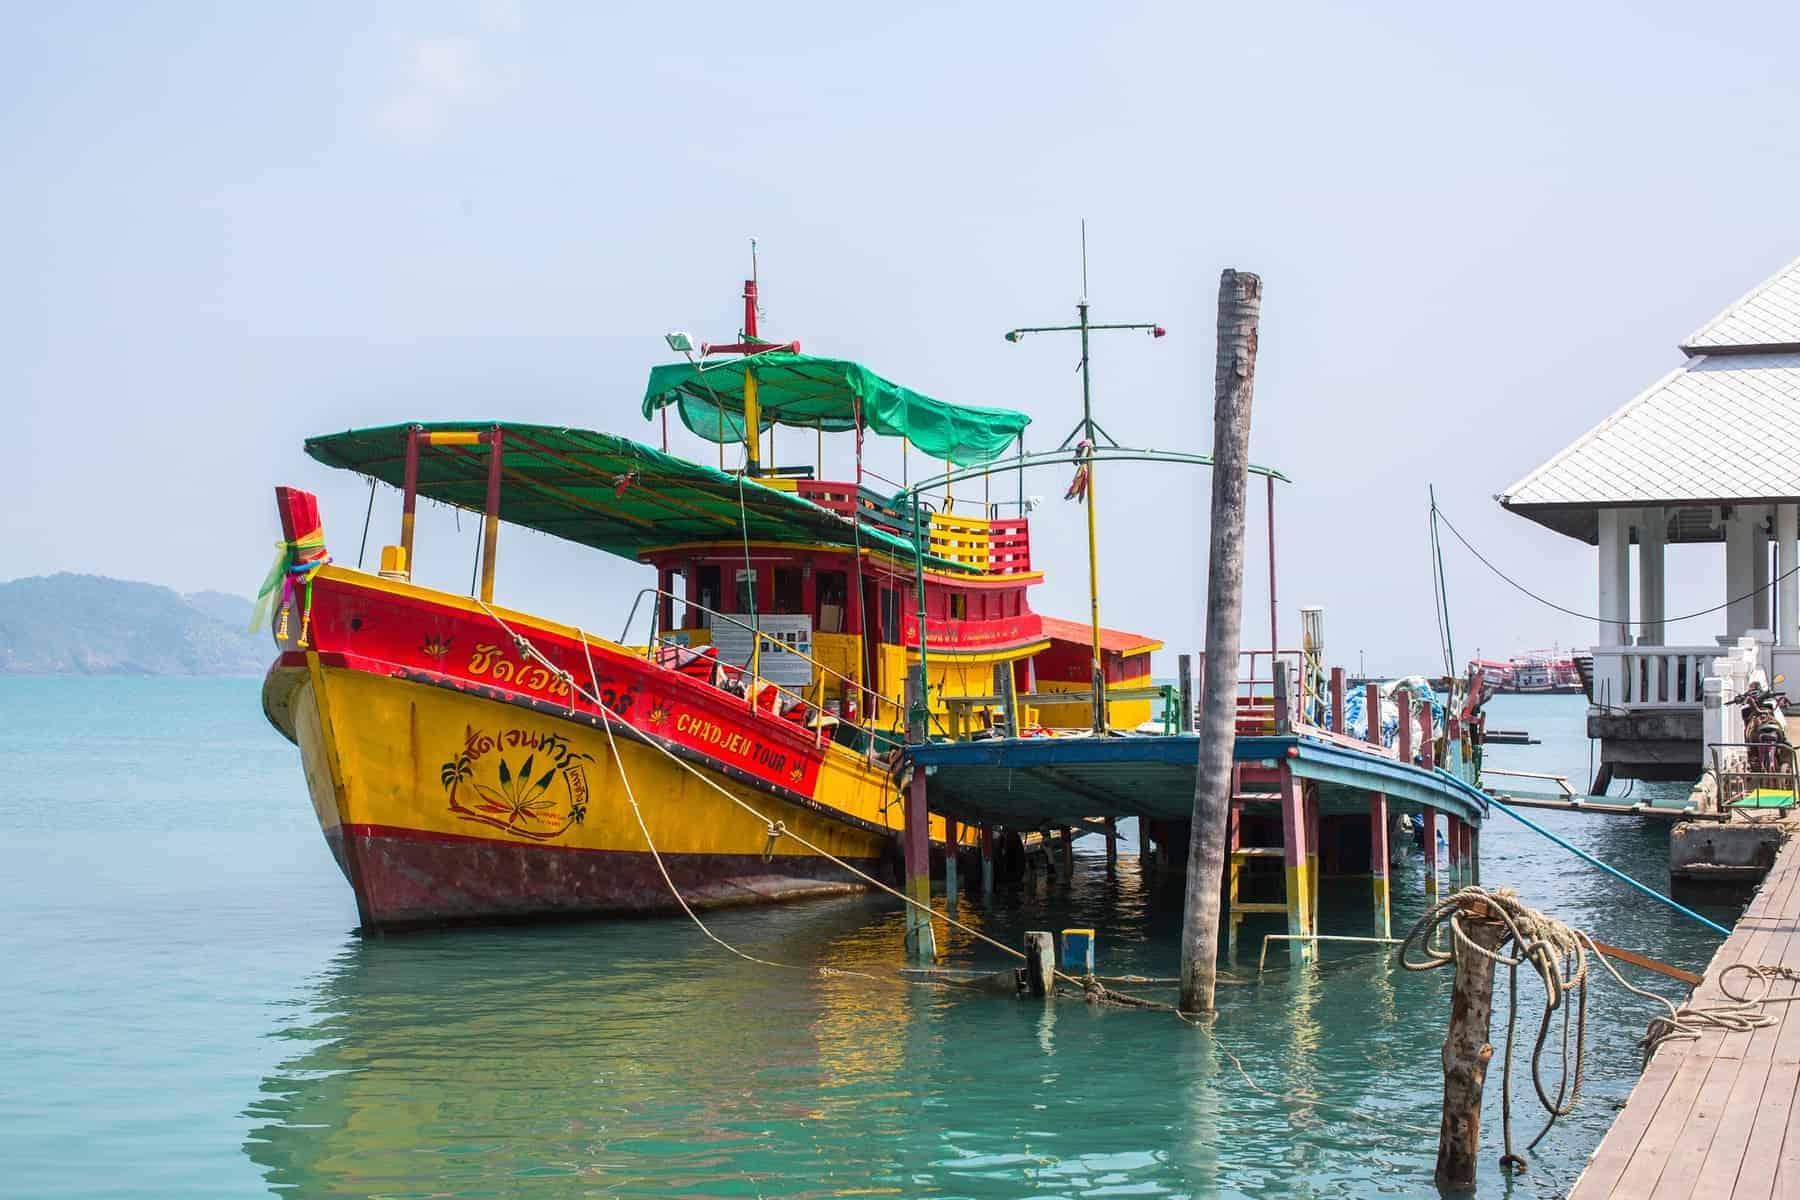 Se på molen nær Bang Bao fiskerleje, som består af huse på pæle bygget ud i havet. Ko Chang, der består af 8 landsby